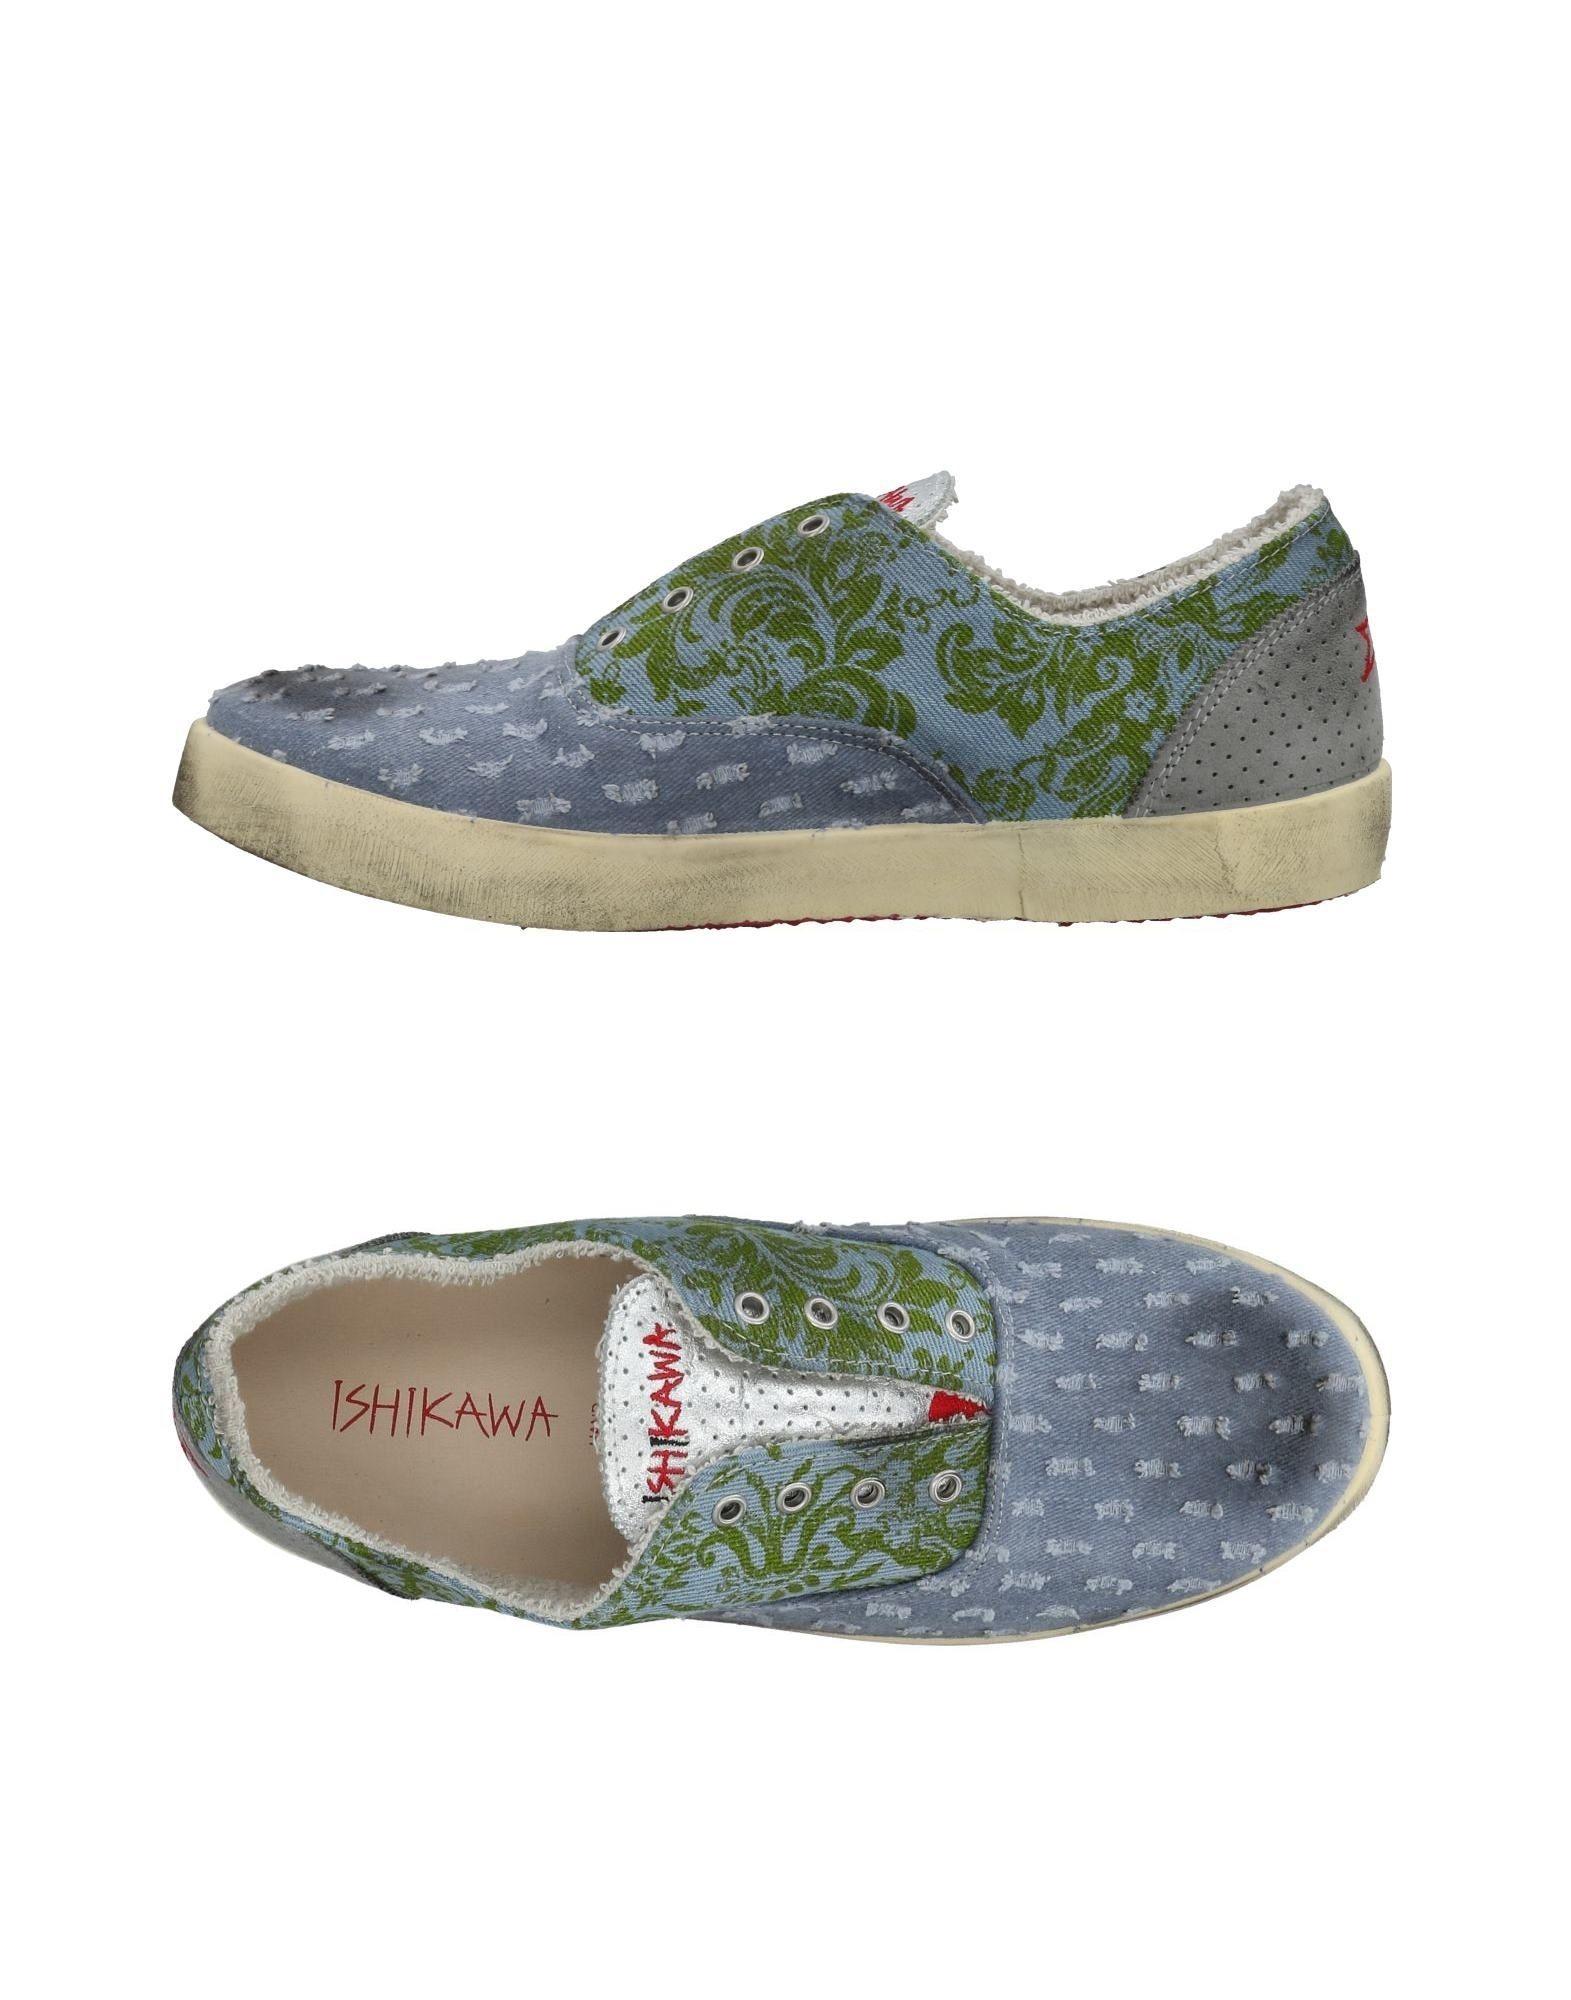 Sneakers Ishikawa Uomo - 11459851JH Scarpe economiche e buone